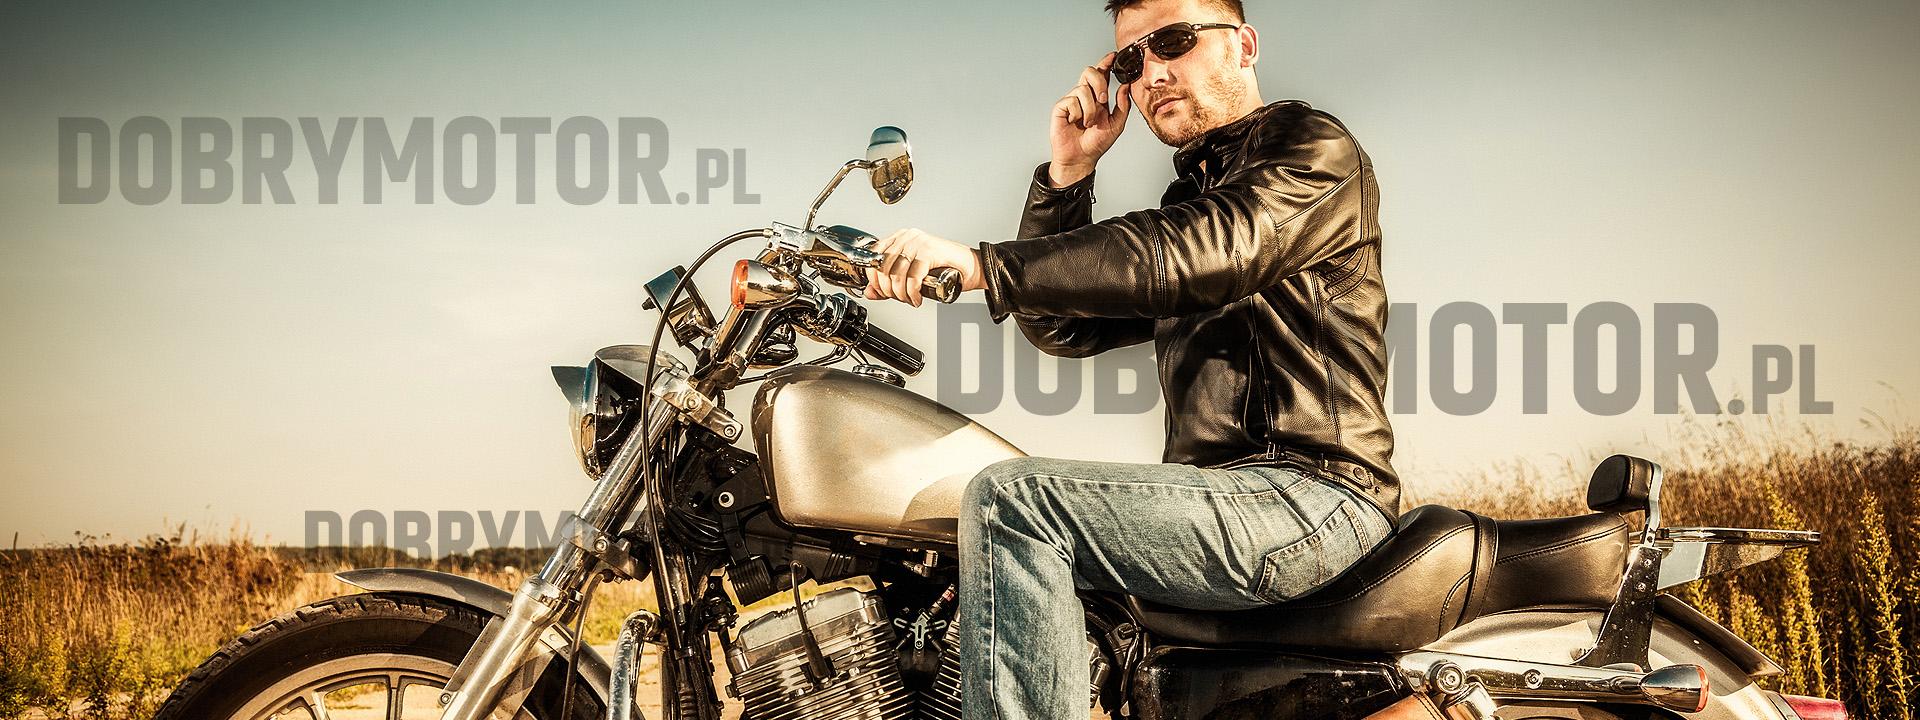 Części i Akcesoria do Motocykli